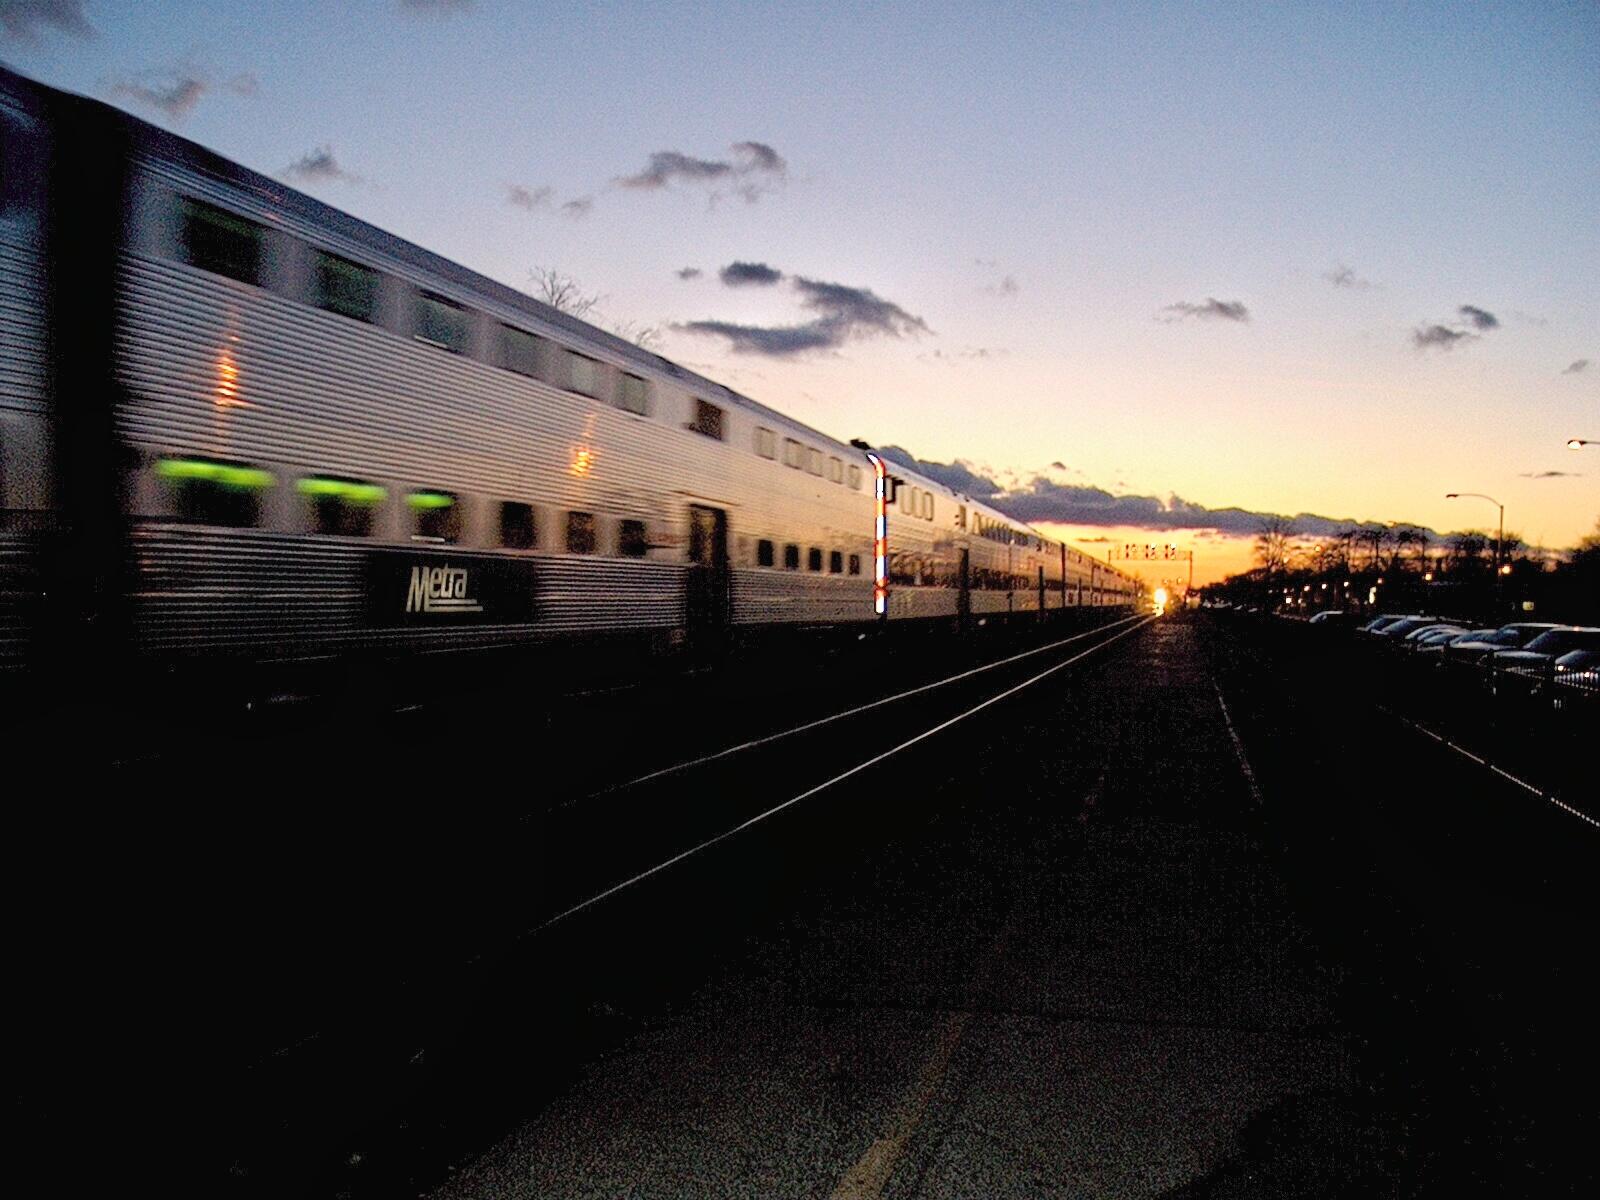 aurora to chicago train schedule pdf